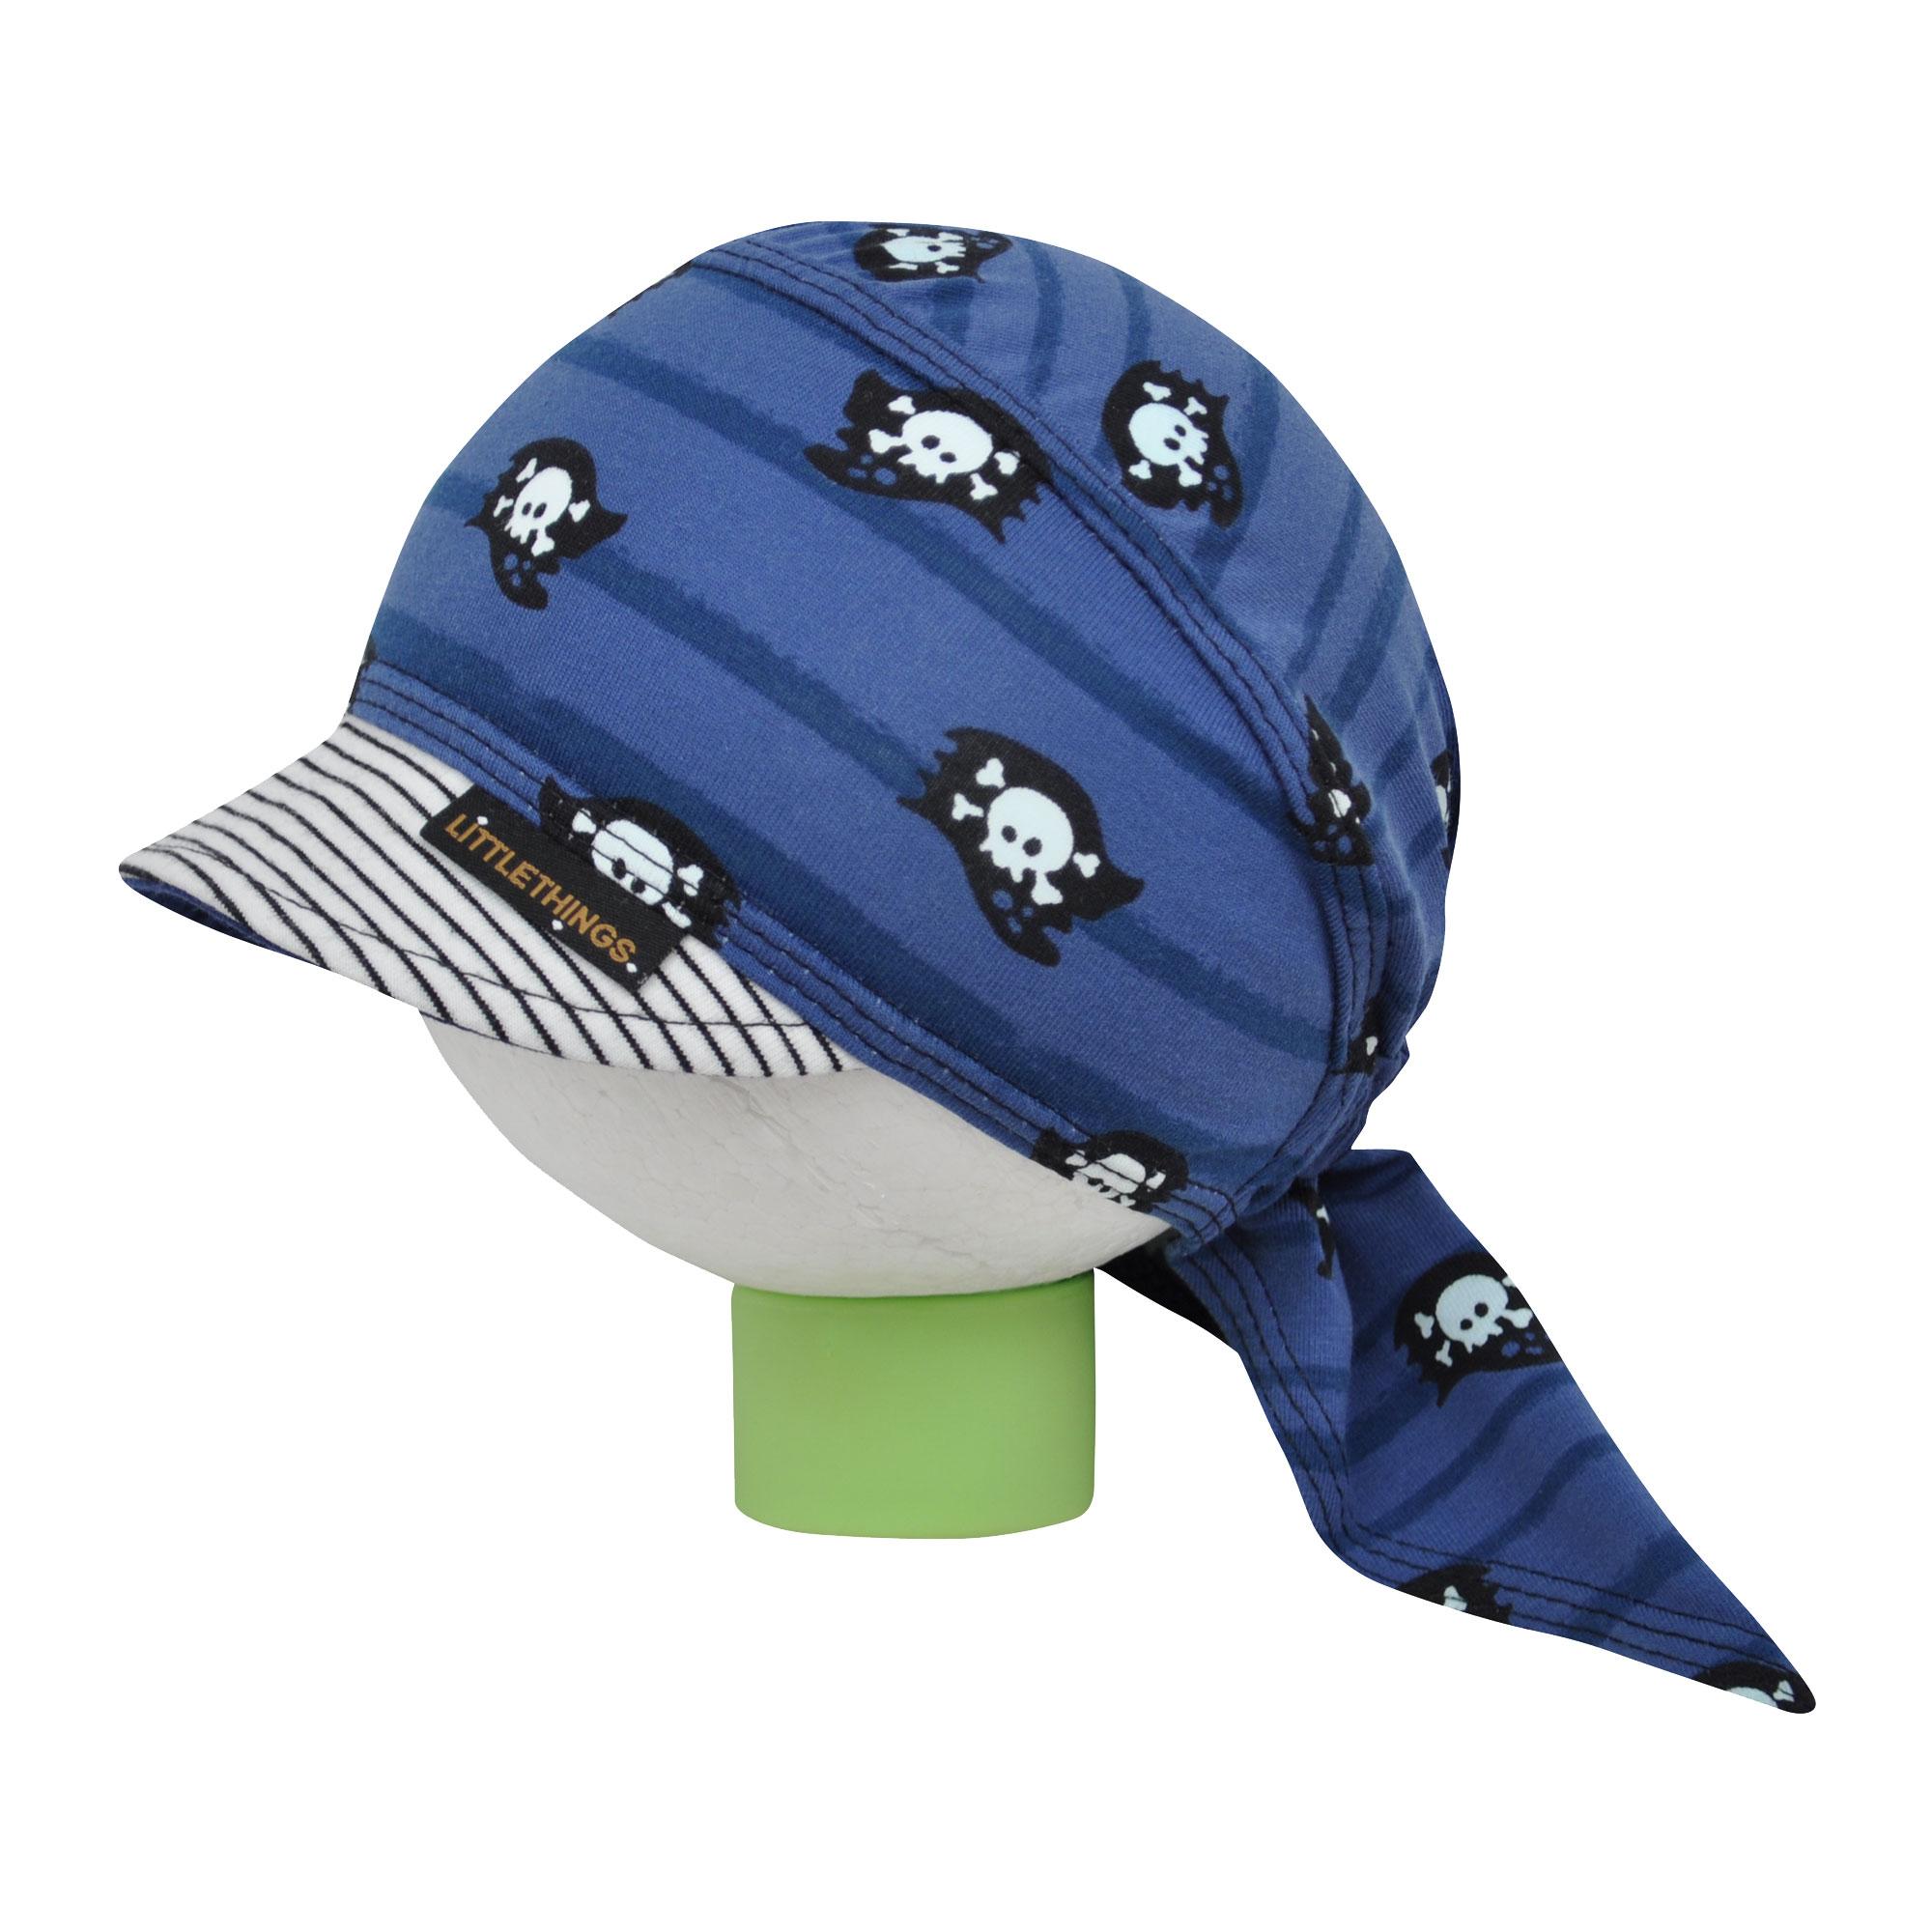 603fe54a690 modrý pirátský šátek na hlavu s lebkami